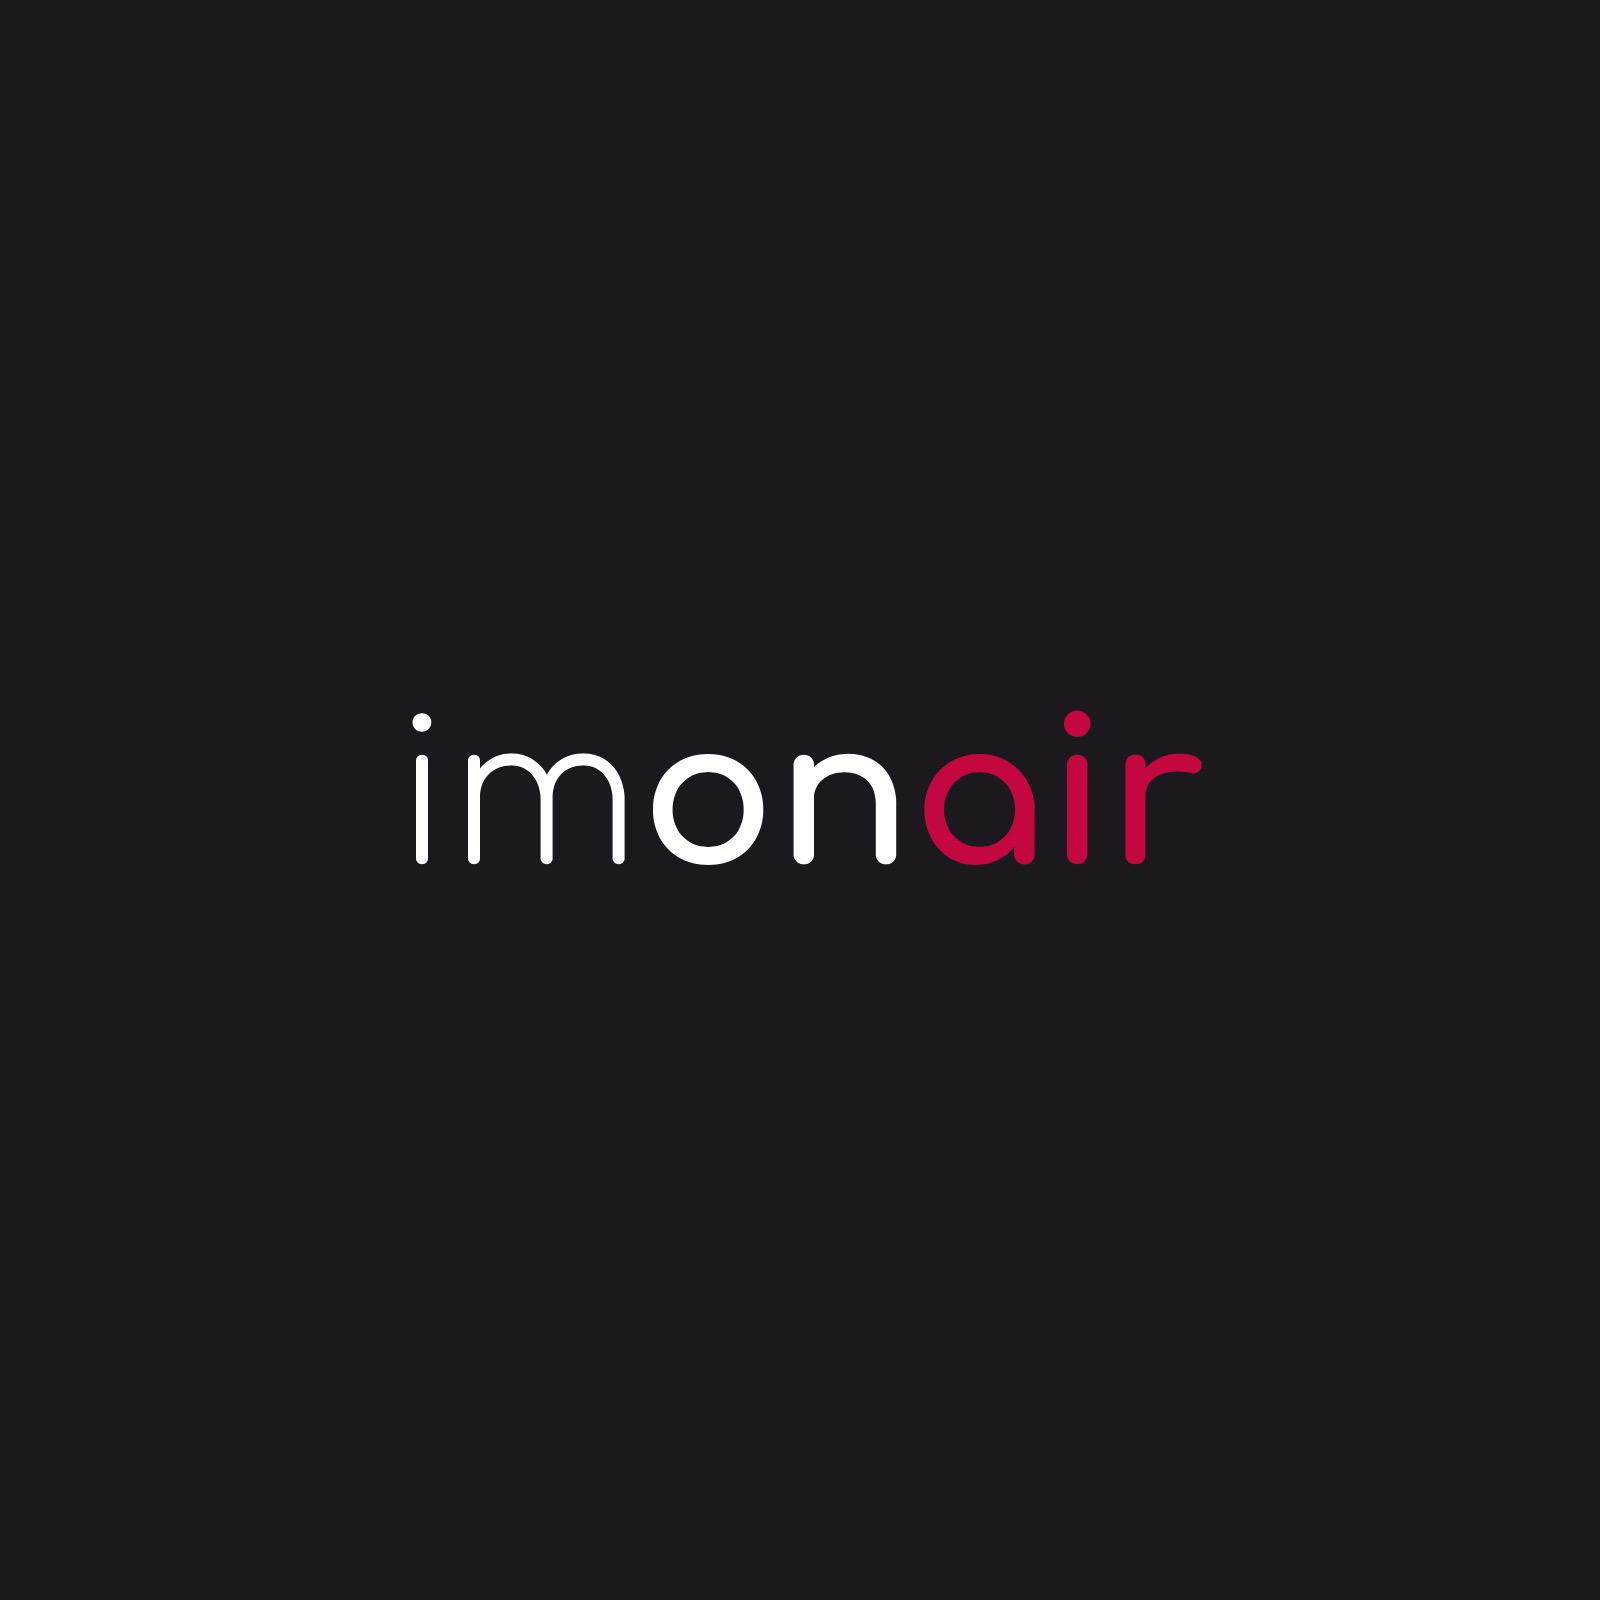 imonair-mockup-station